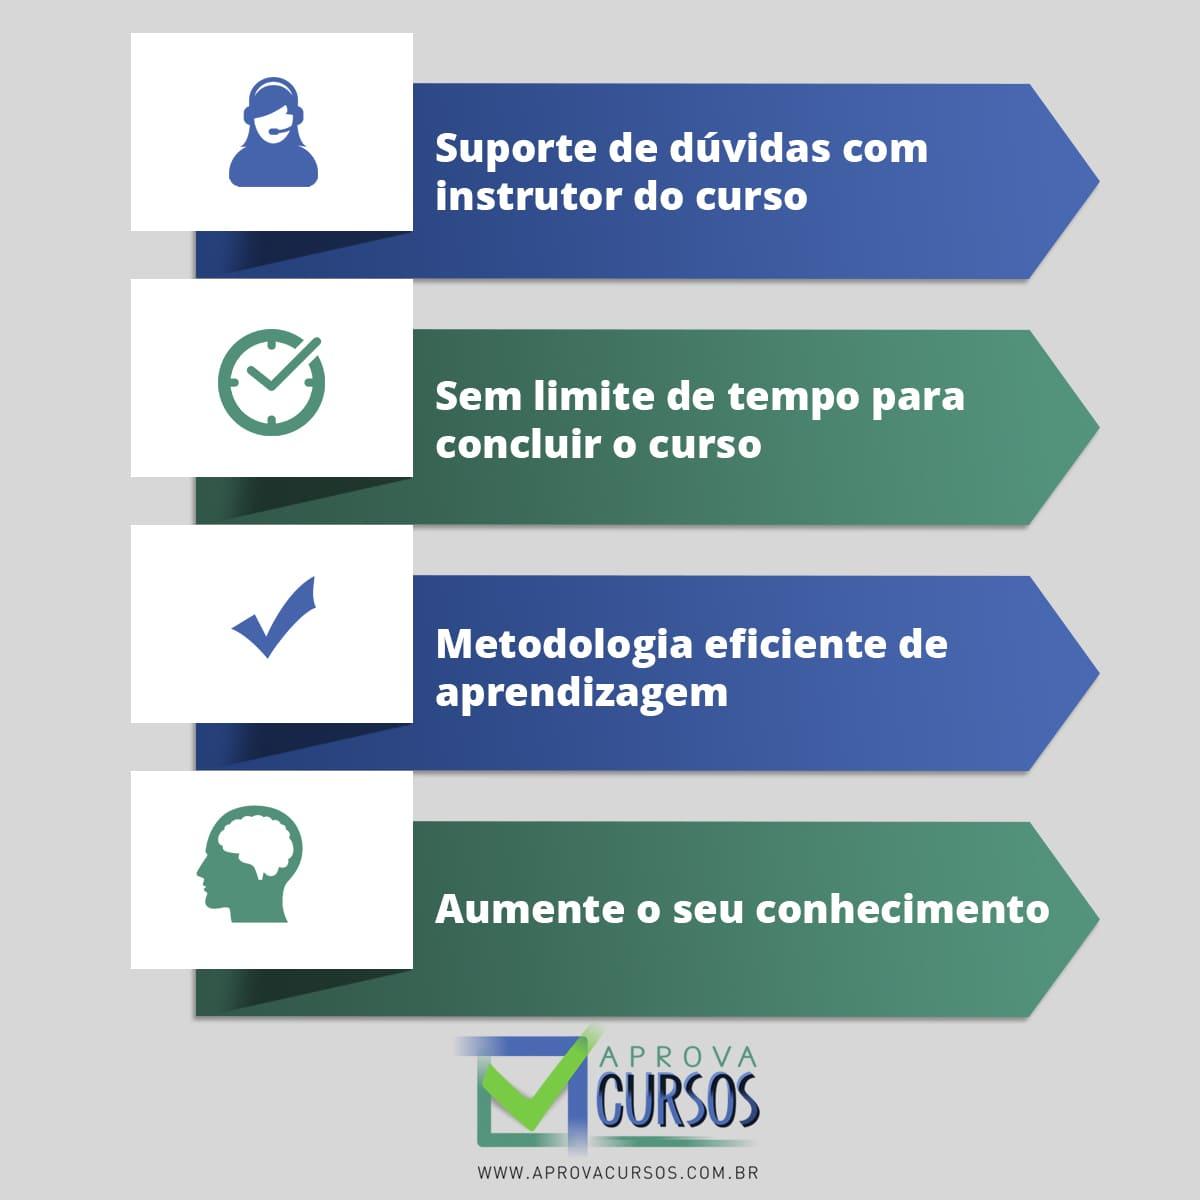 Curso Online de Licitações e Contratos Administrativos com Certificado  - Aprova Cursos